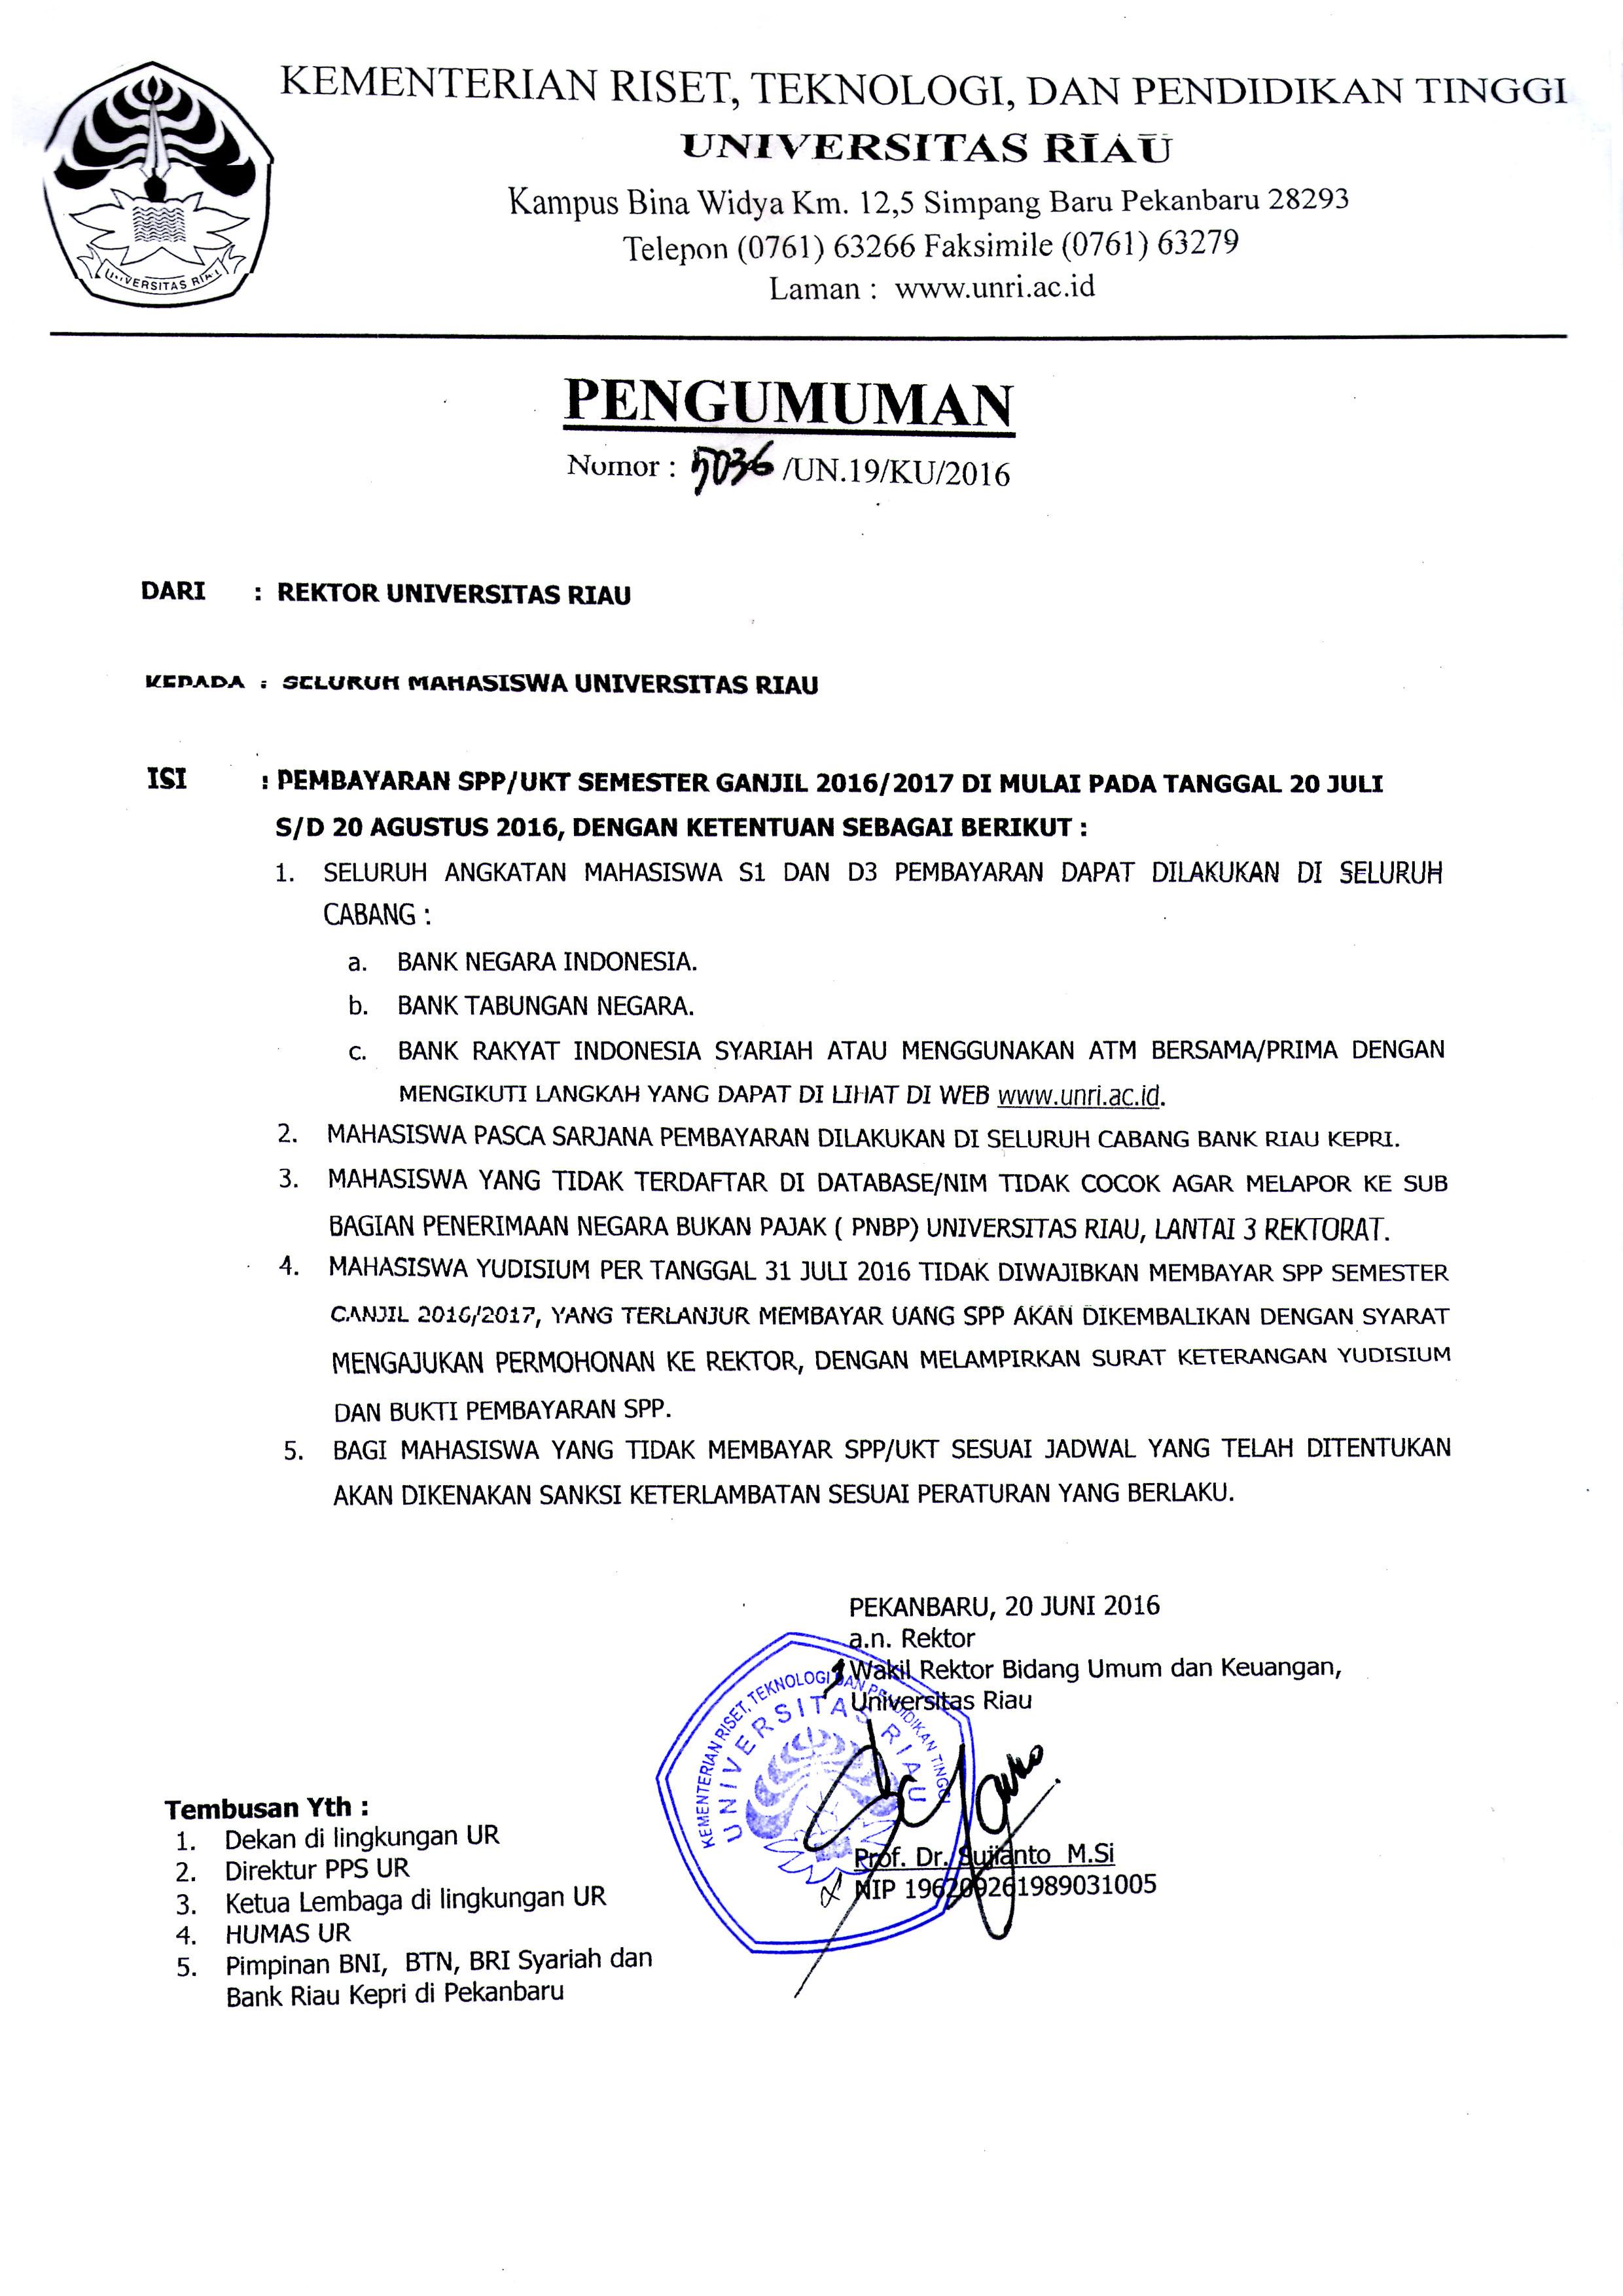 JADWAL PEMBAYARAN SPP SEMESTER GANJIL 2